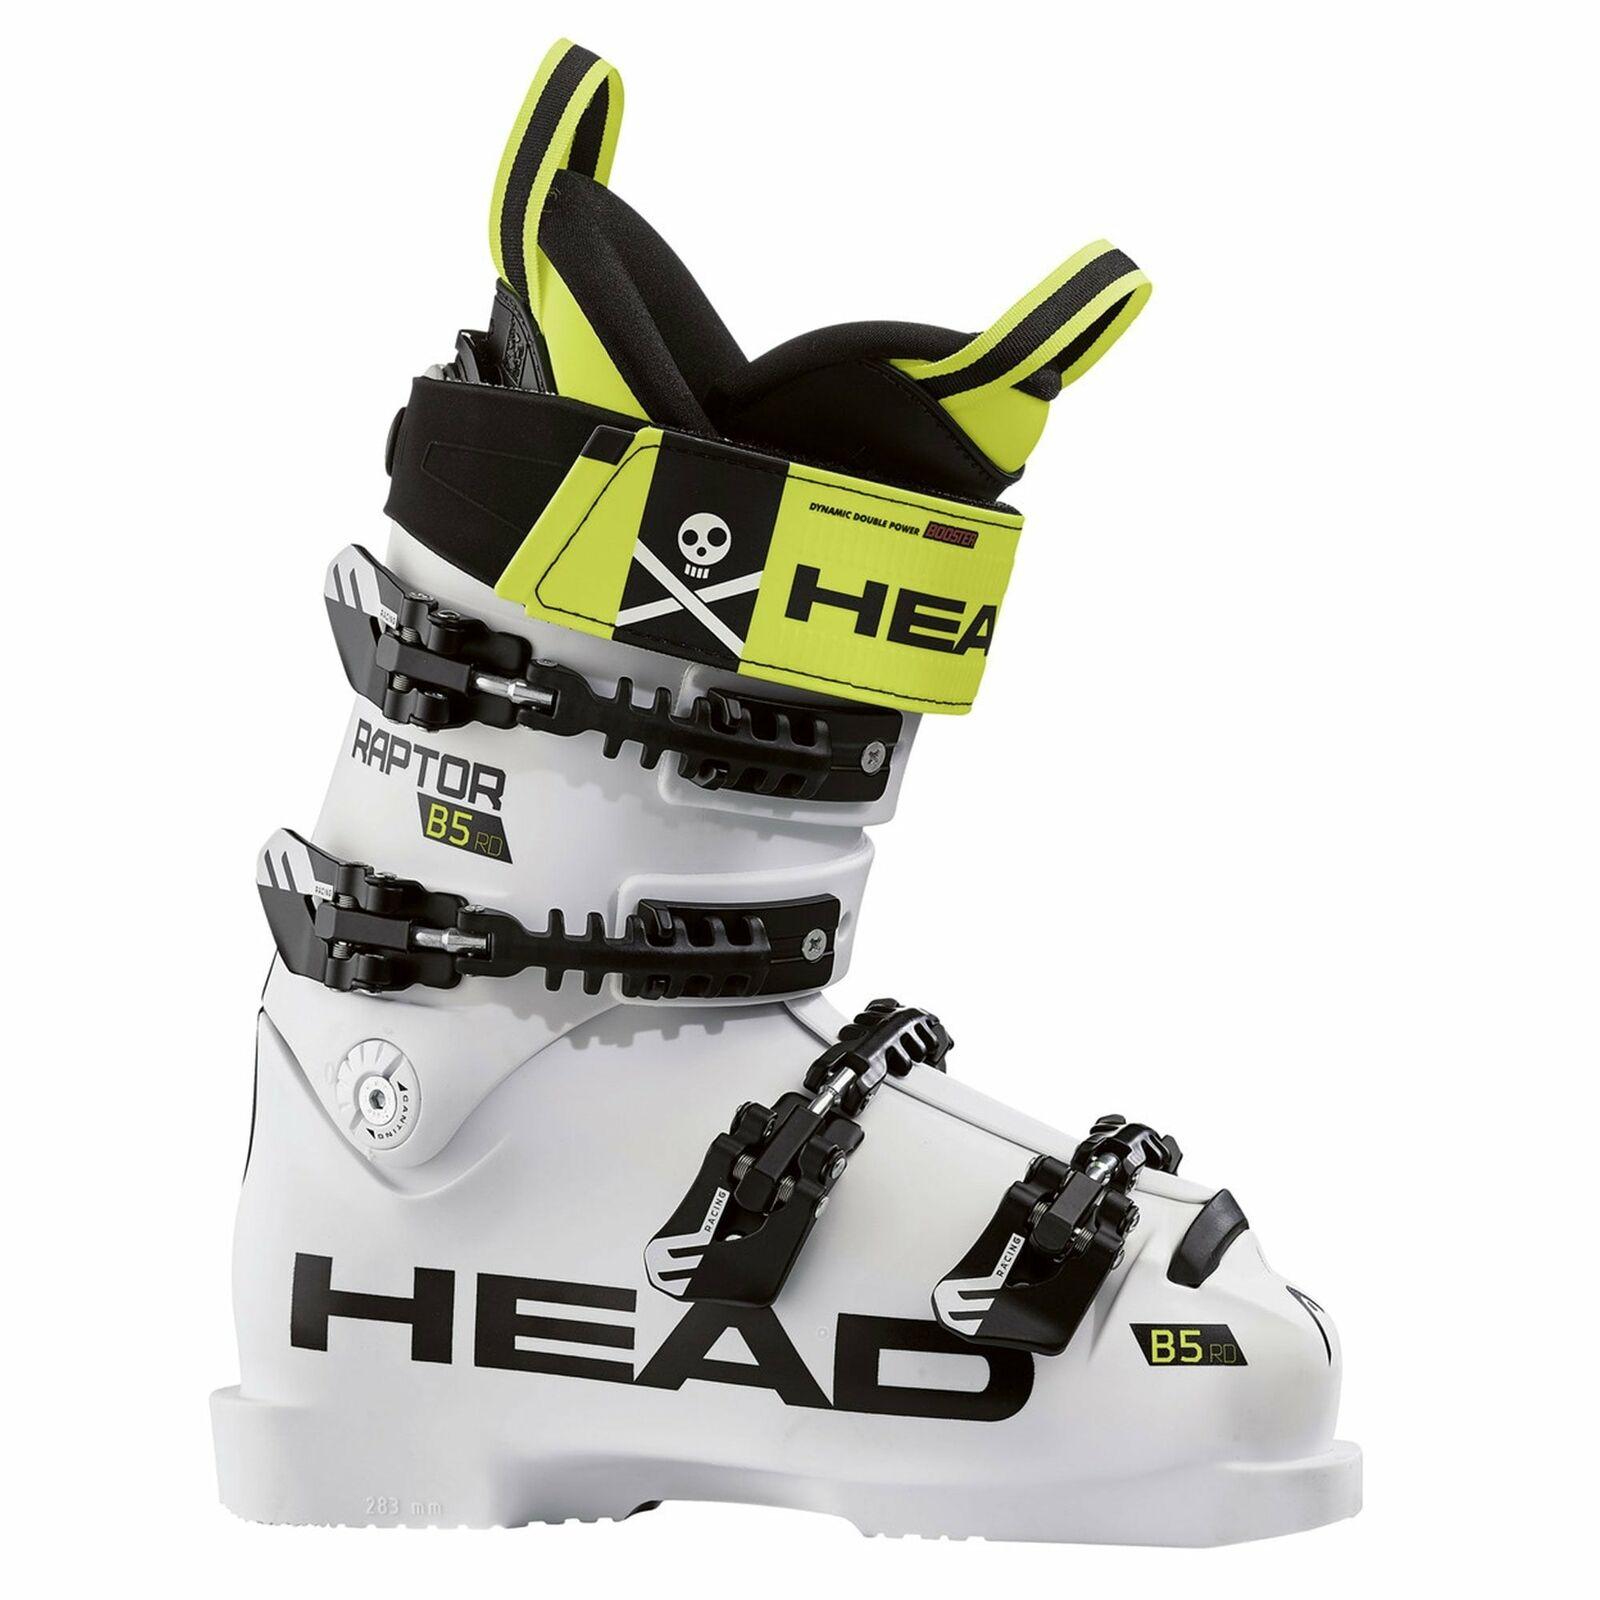 Head Raptor B5 RD Junior Ski Race laars (2020)